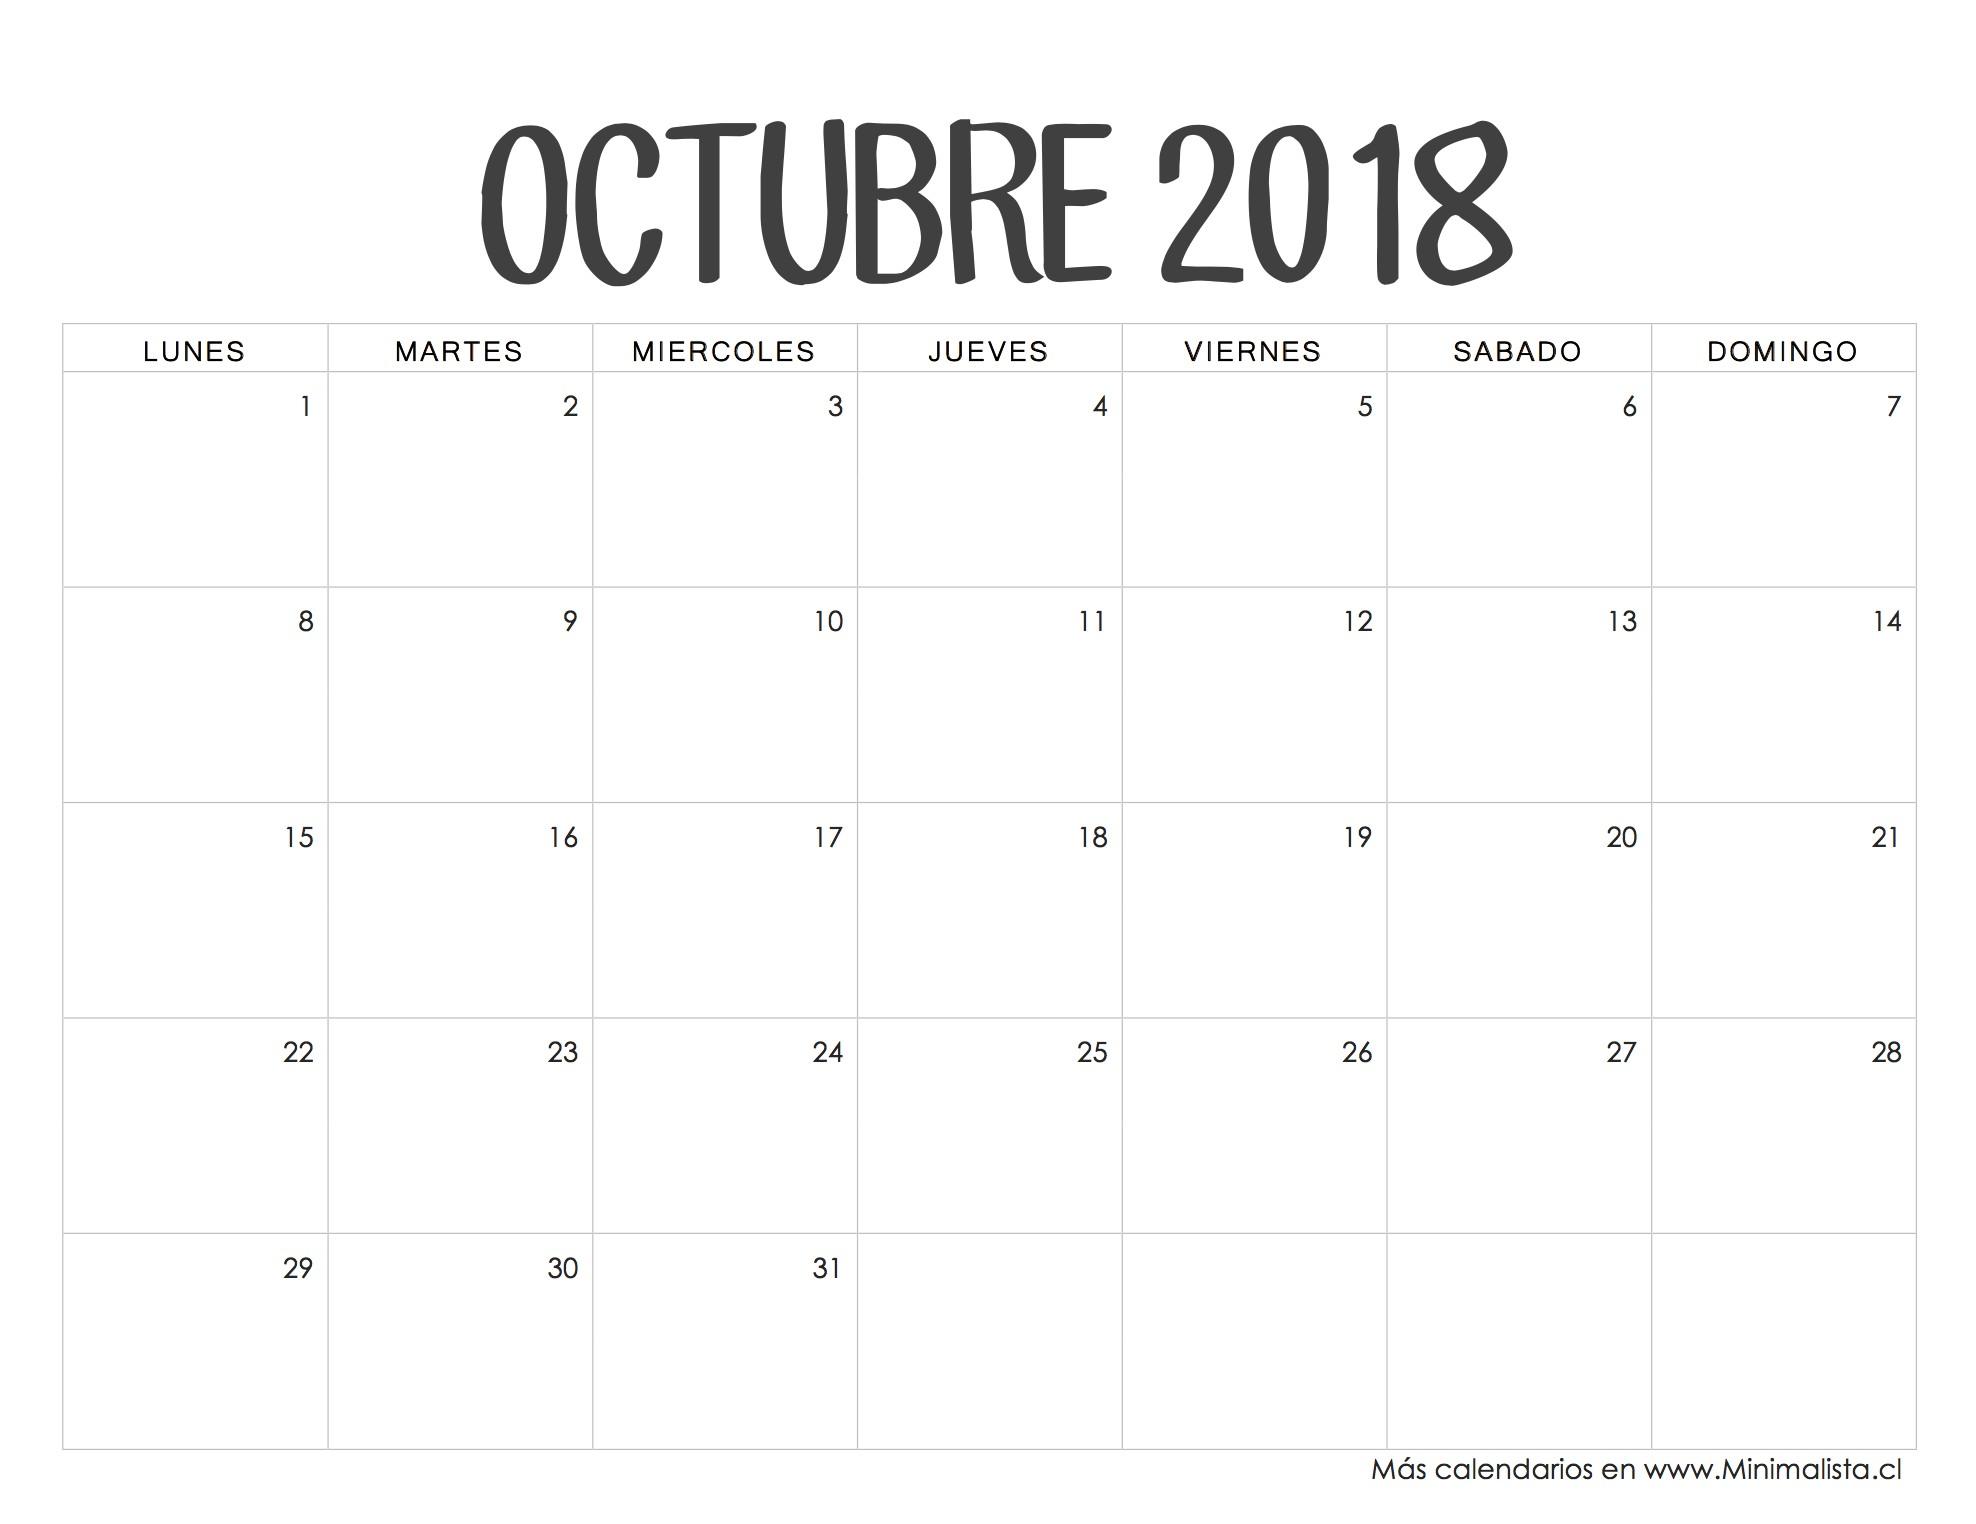 Imprimir Calendario De Agosto Mejores Y Más Novedosos Calendario Octubre 2018 organizarme Pinterest Of Imprimir Calendario De Agosto Recientes Calendario Agosto 2018 Calendario 2017 Pinterest